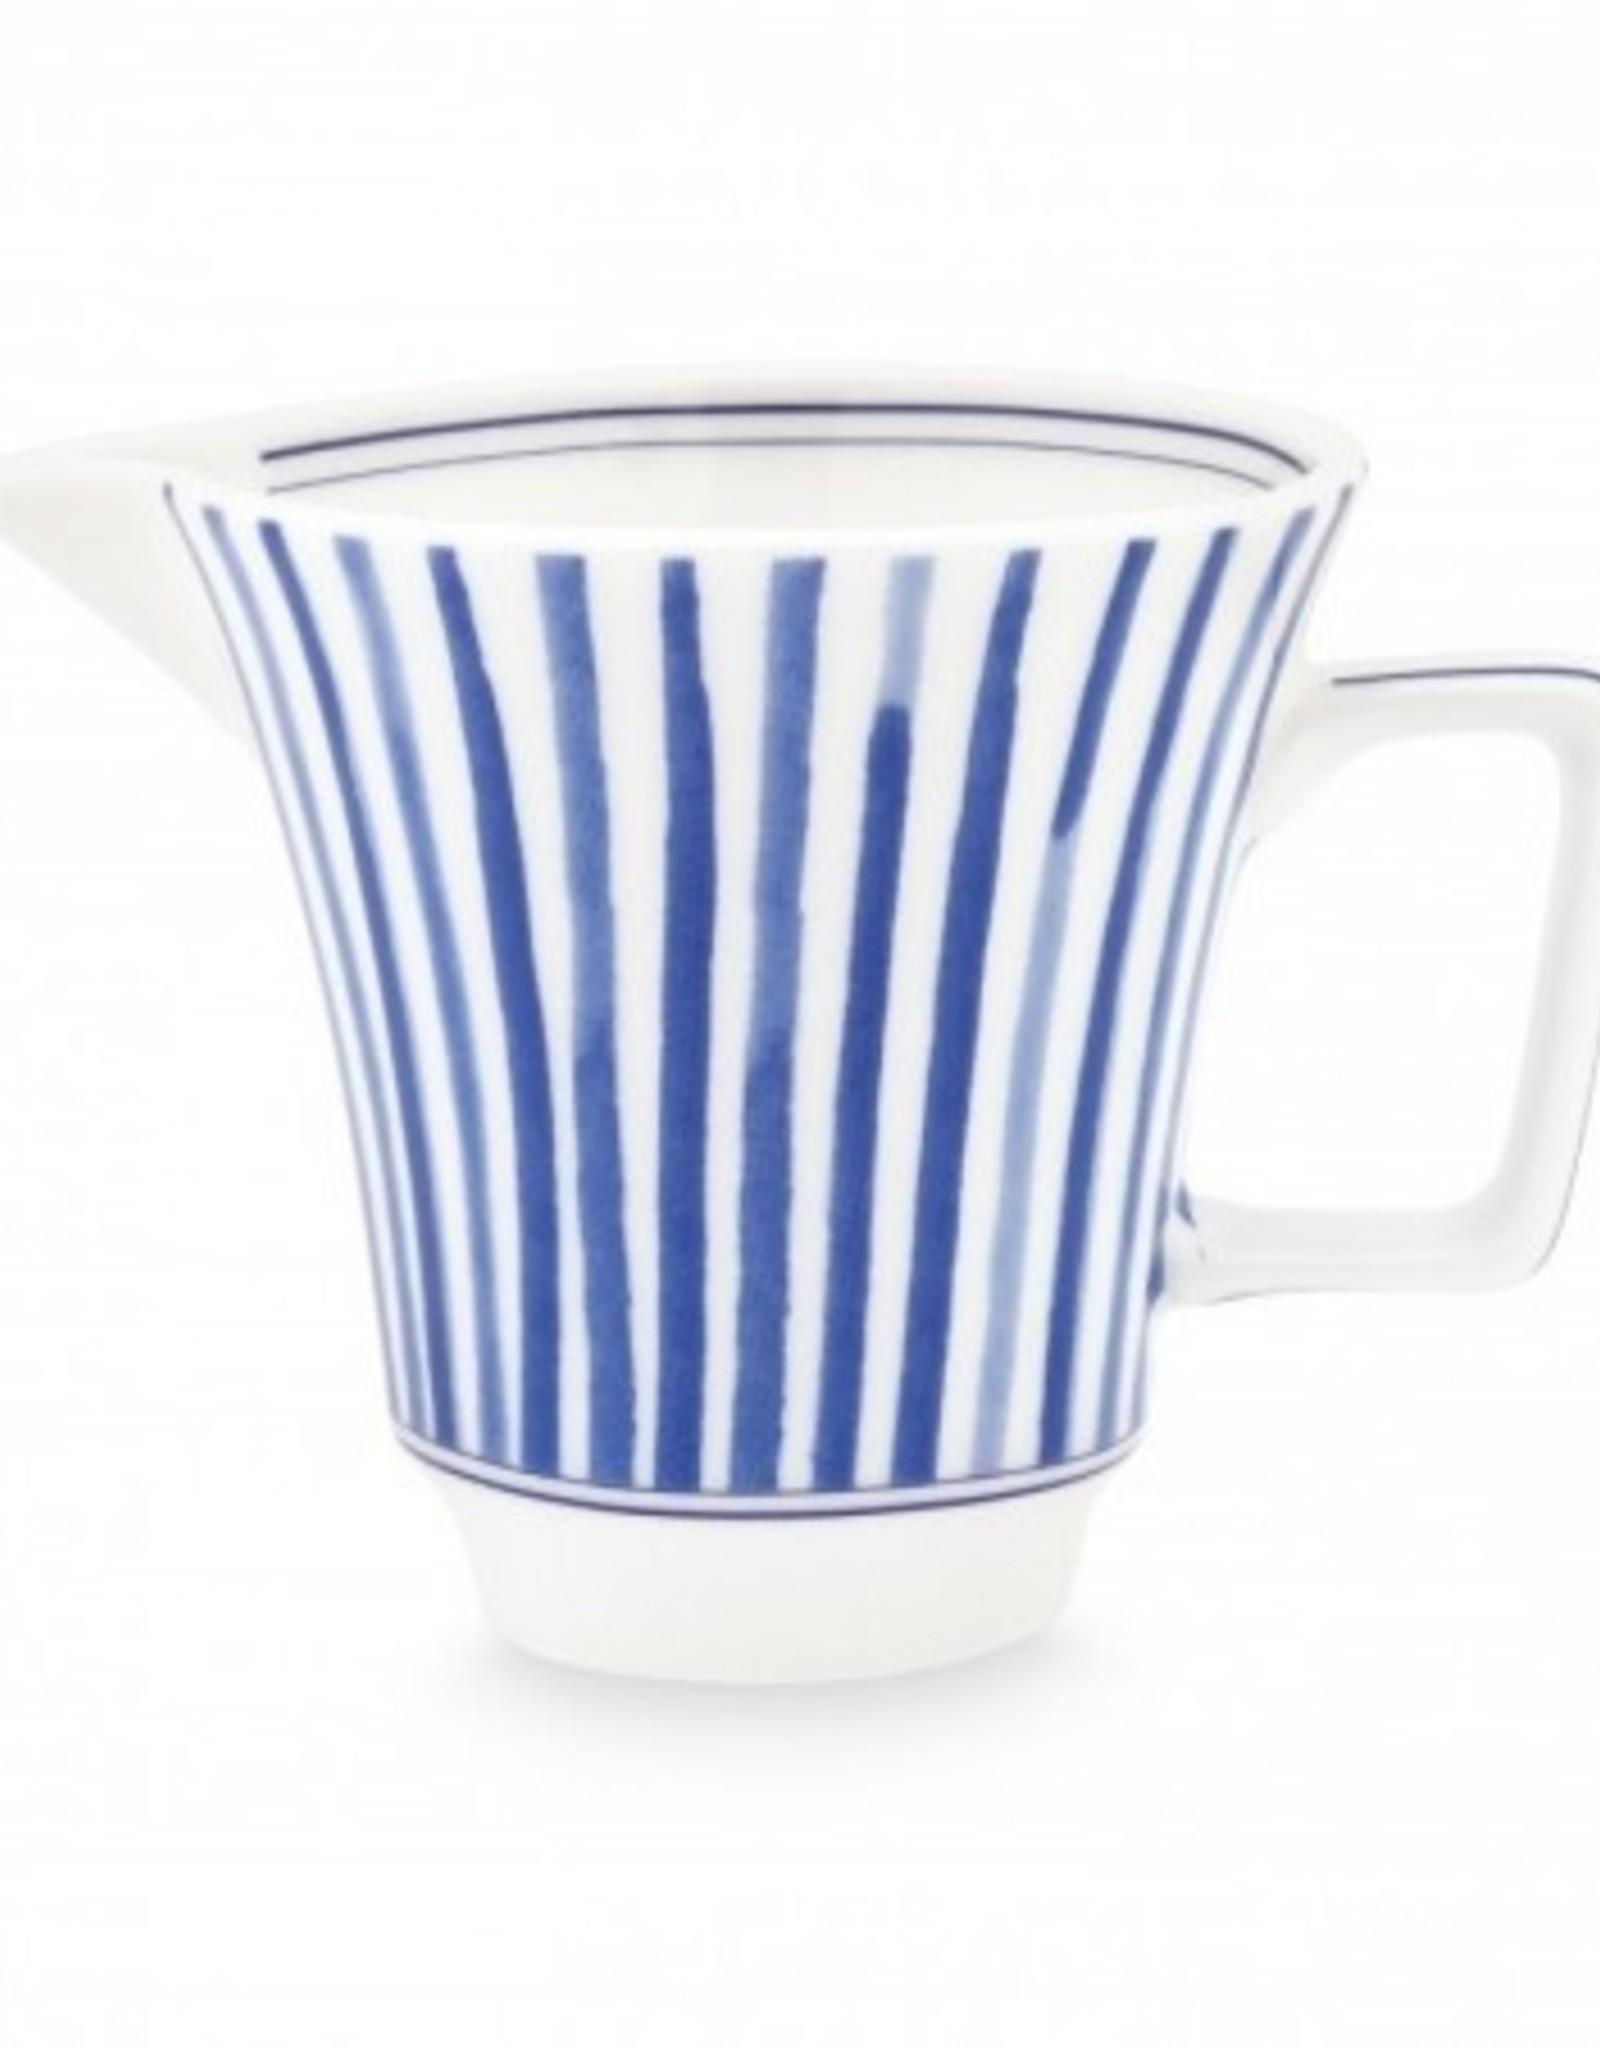 Janny van der Heijden Milk Jug Stripes